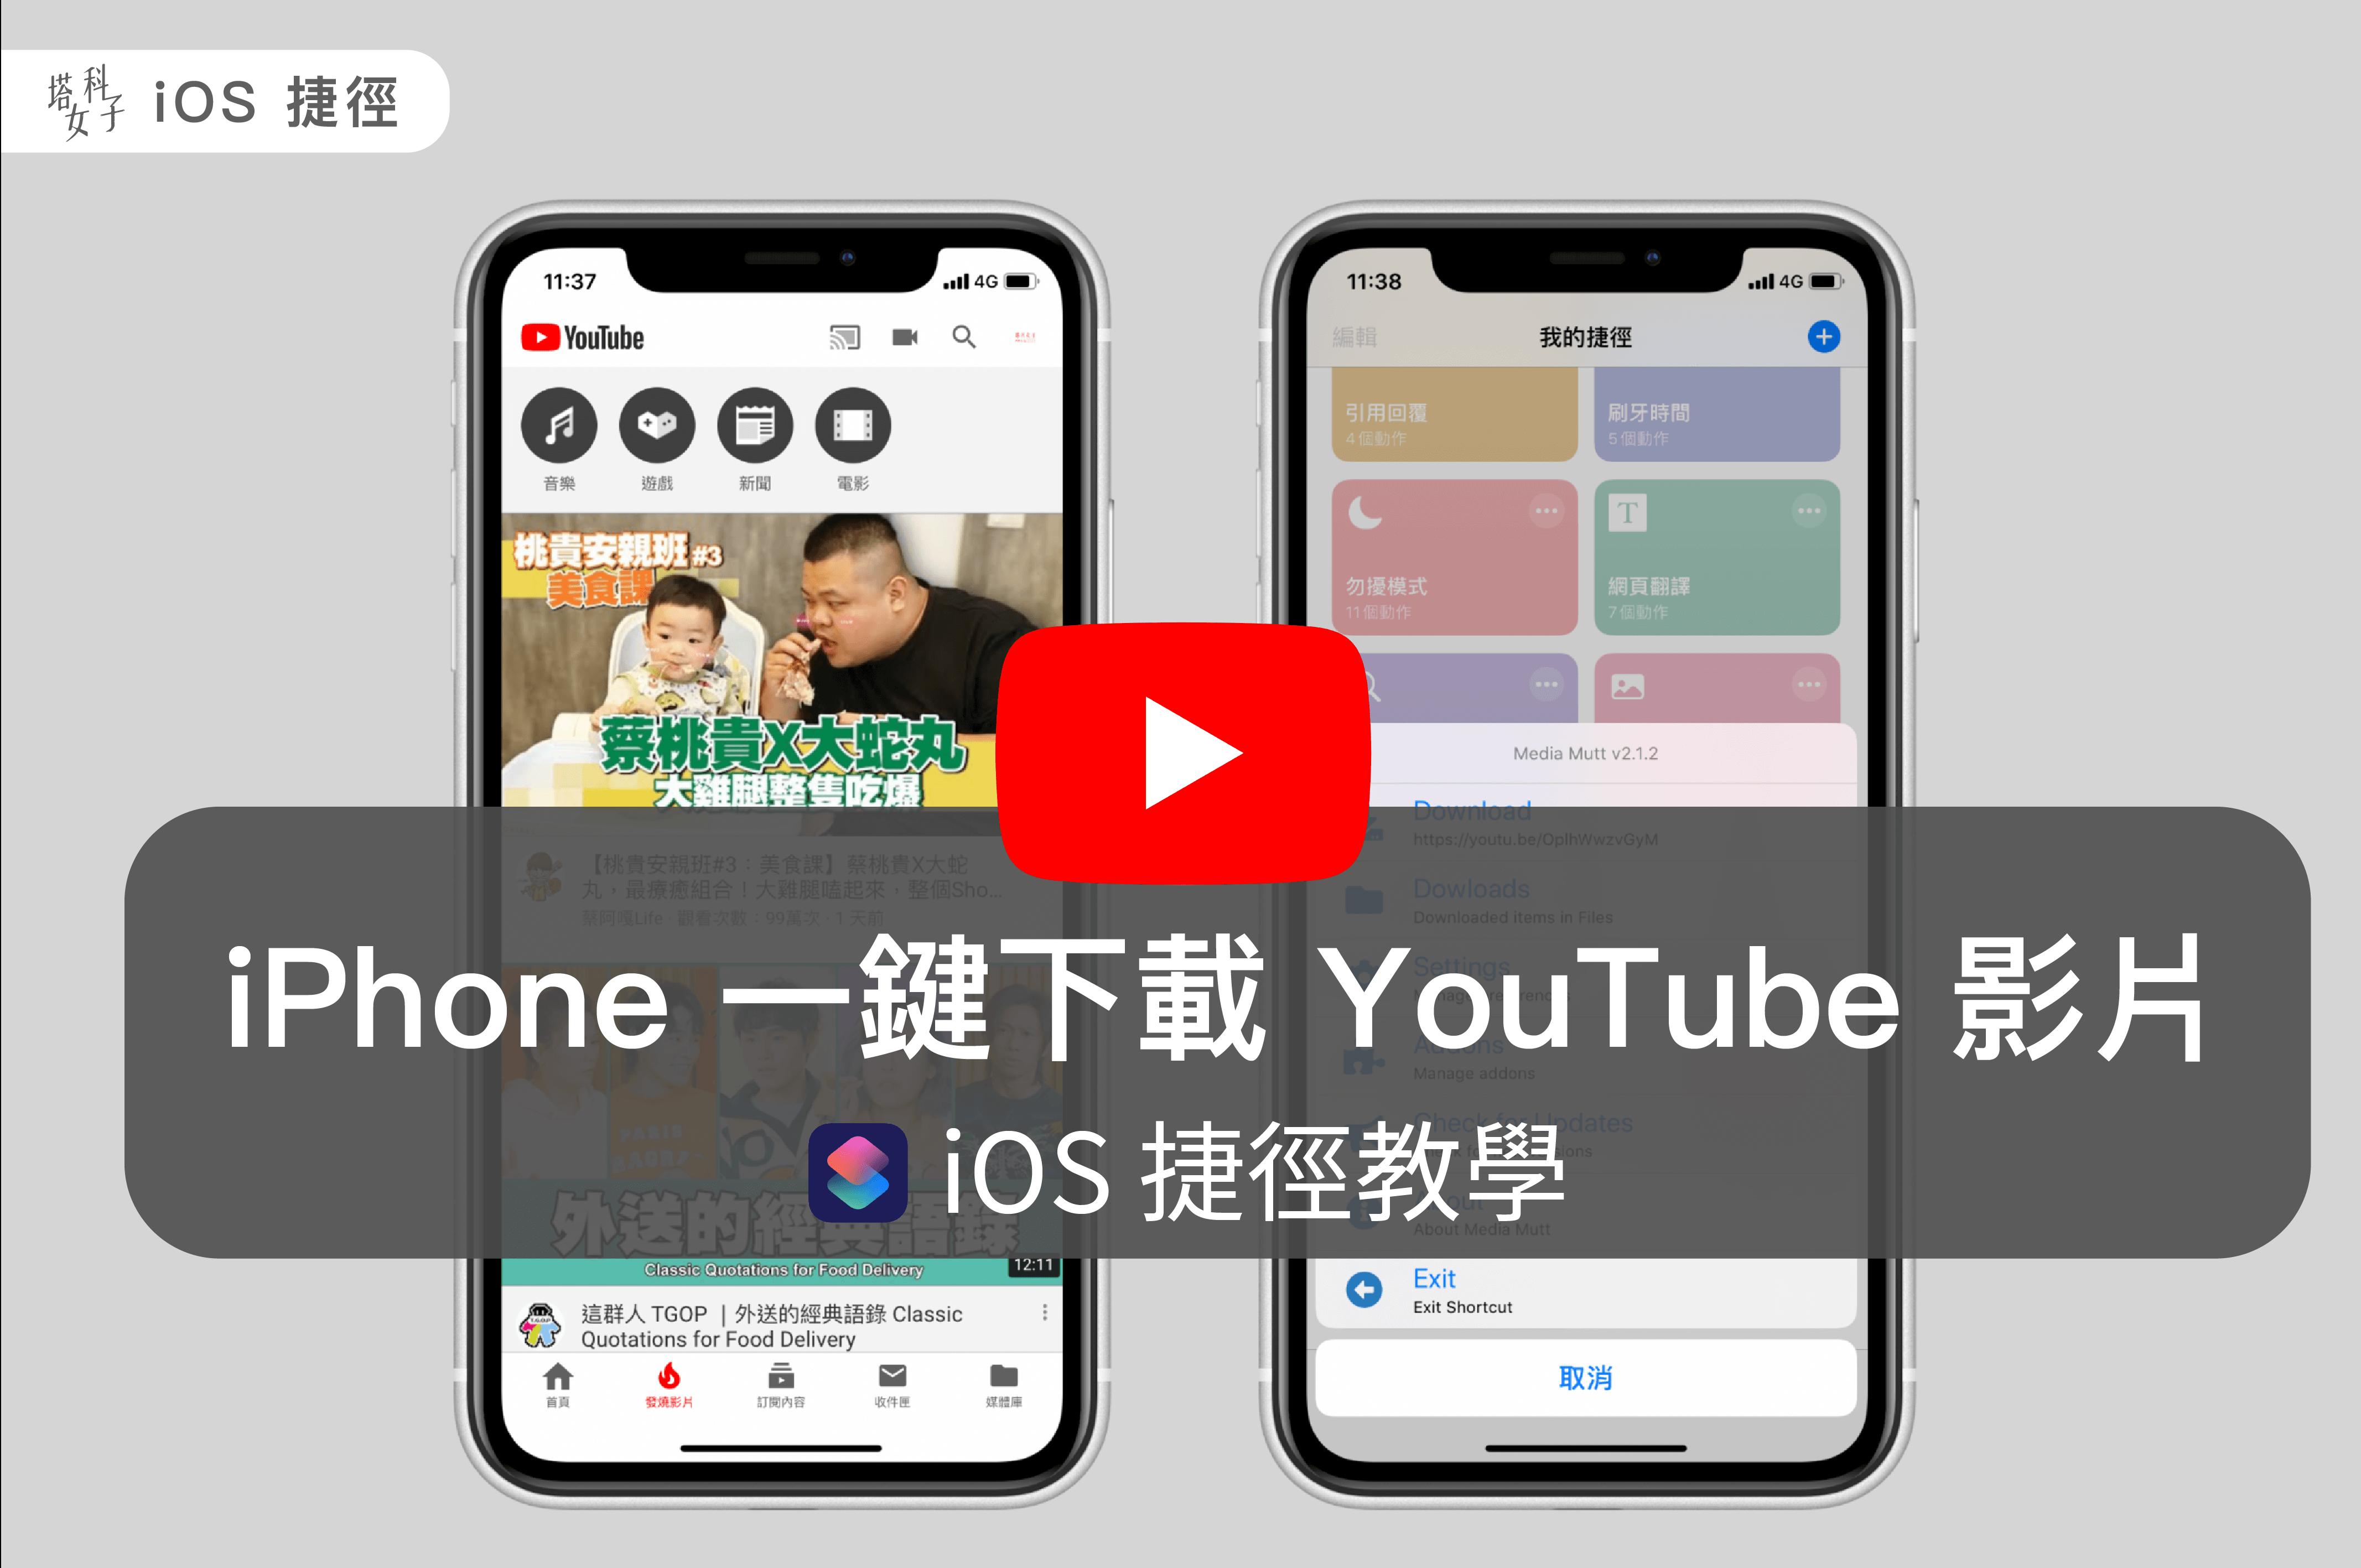 iPhone 下載 YouTube 影片 (iOS 捷徑 / iOS13 可用)